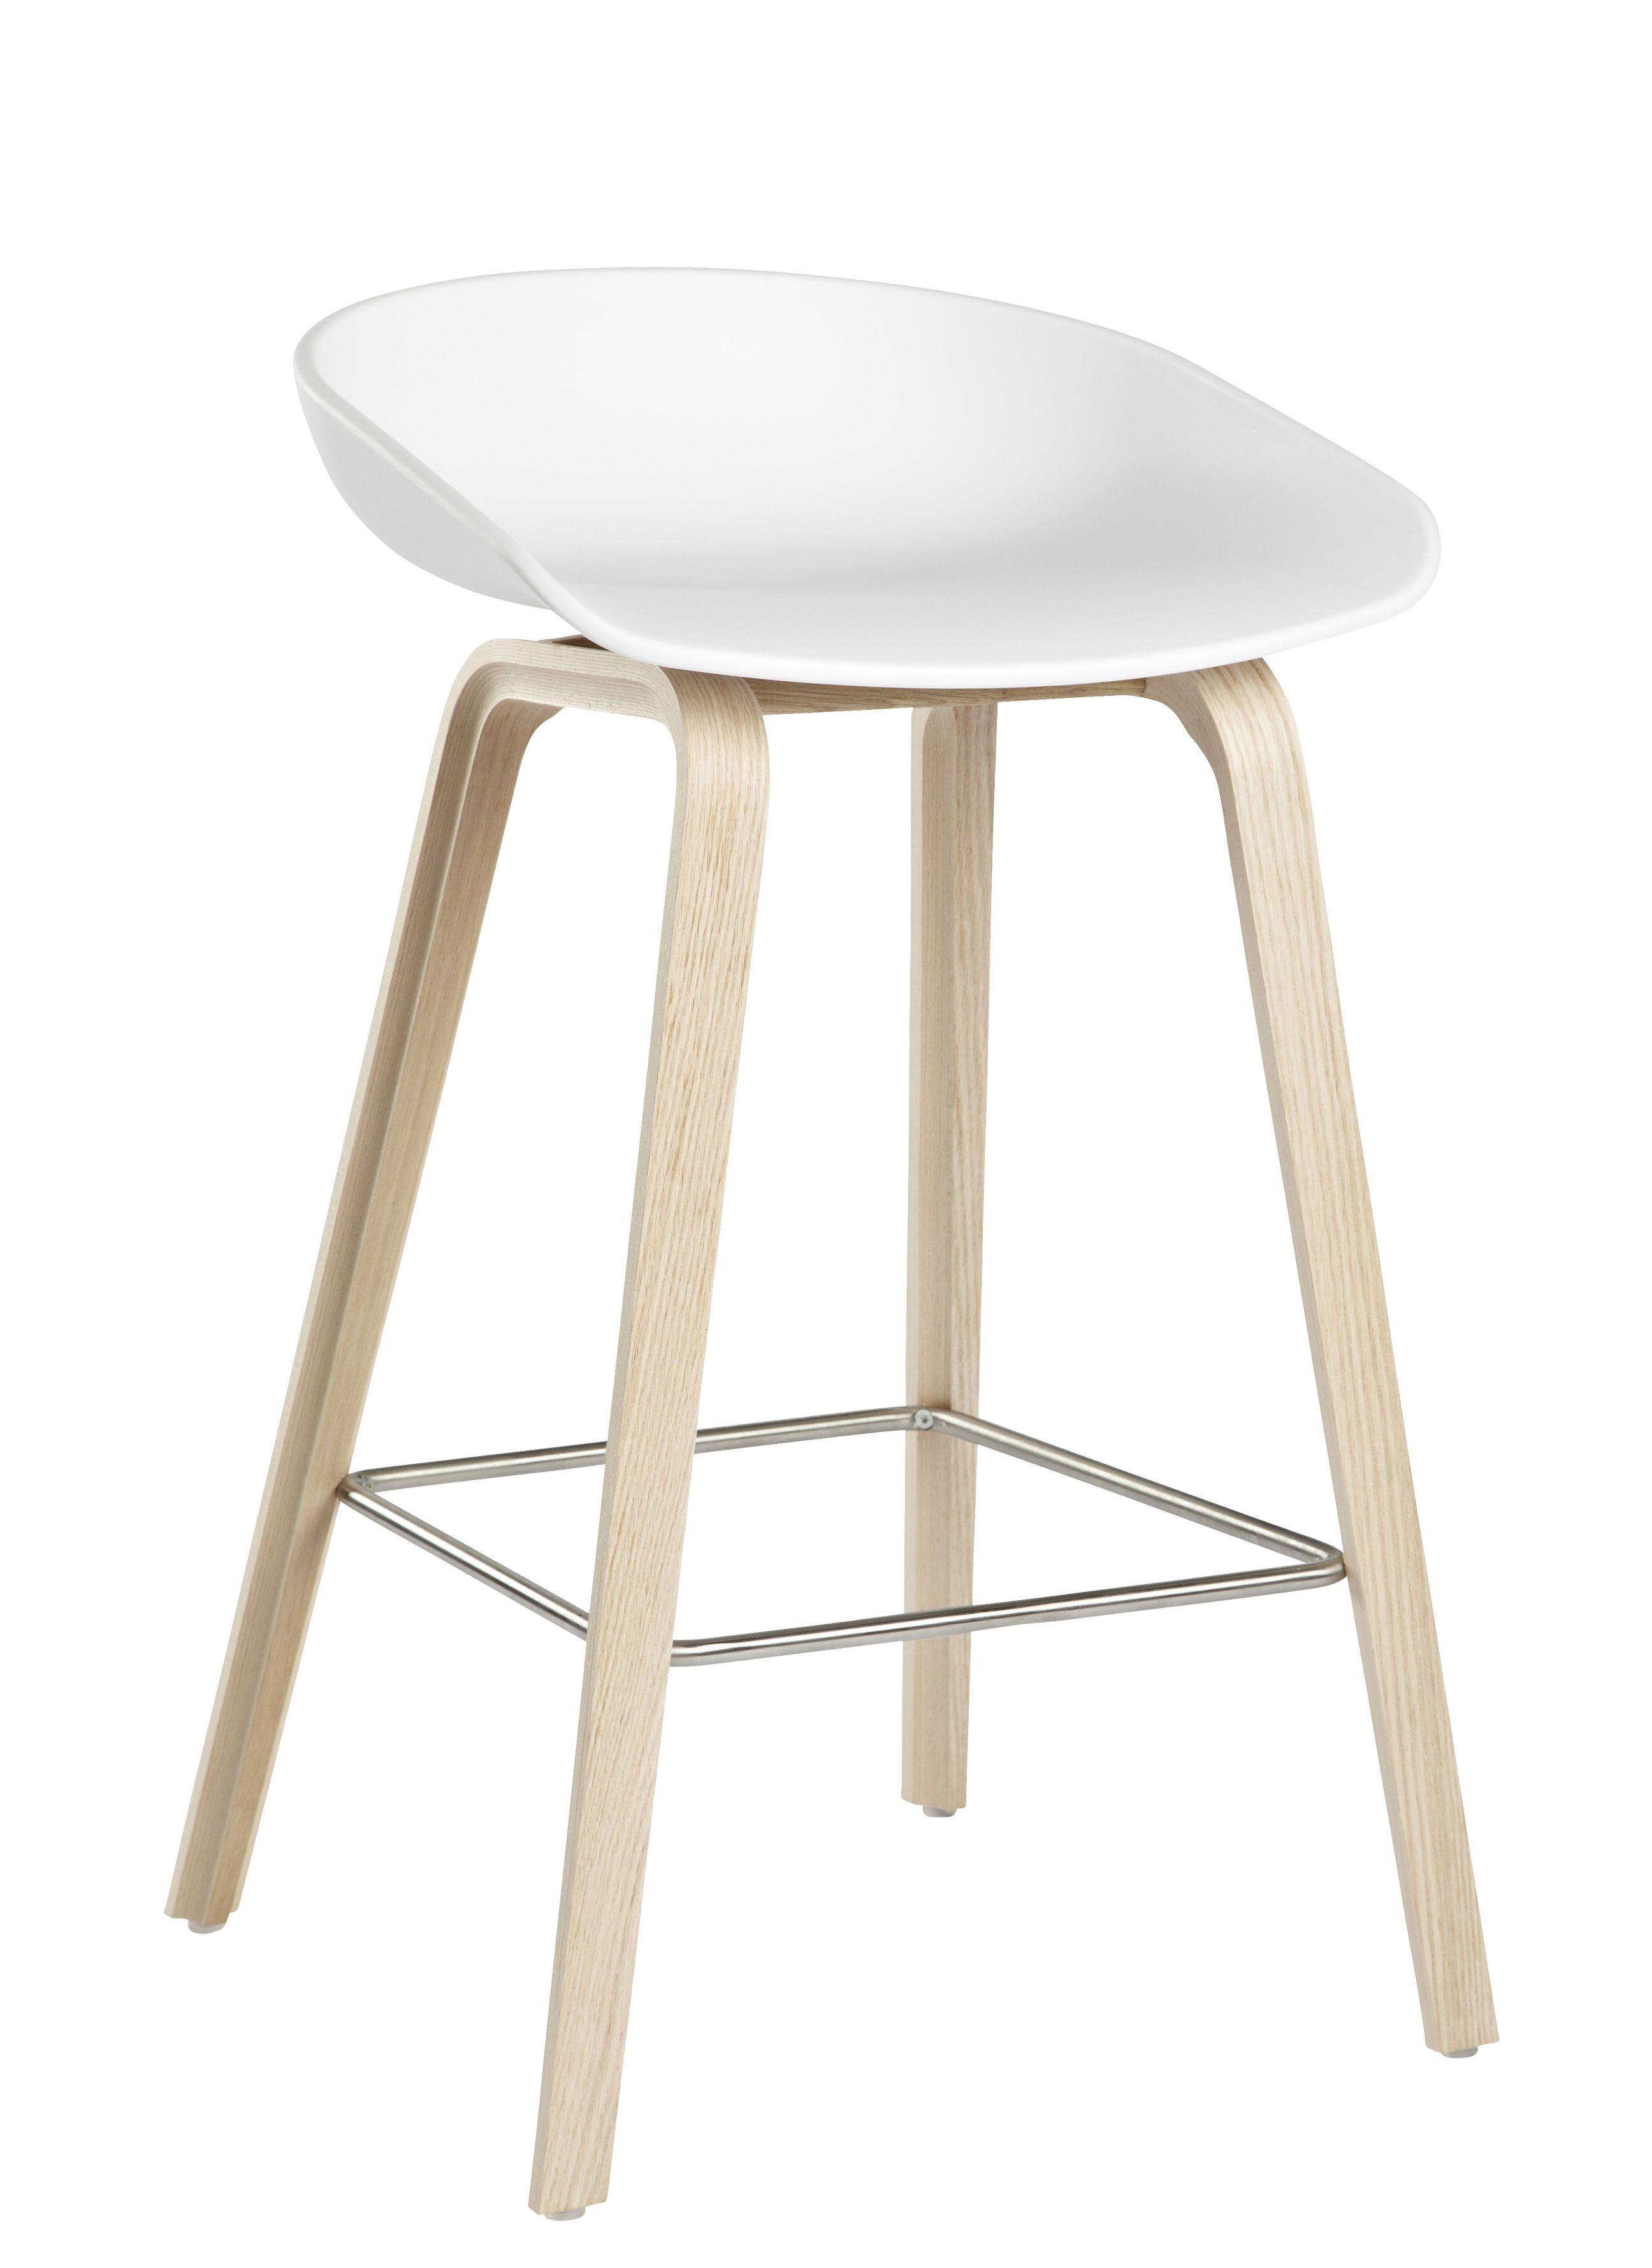 Tabouret de bar scandinave 65 cm - Idée pour la maison et cuisine 255e5821751d